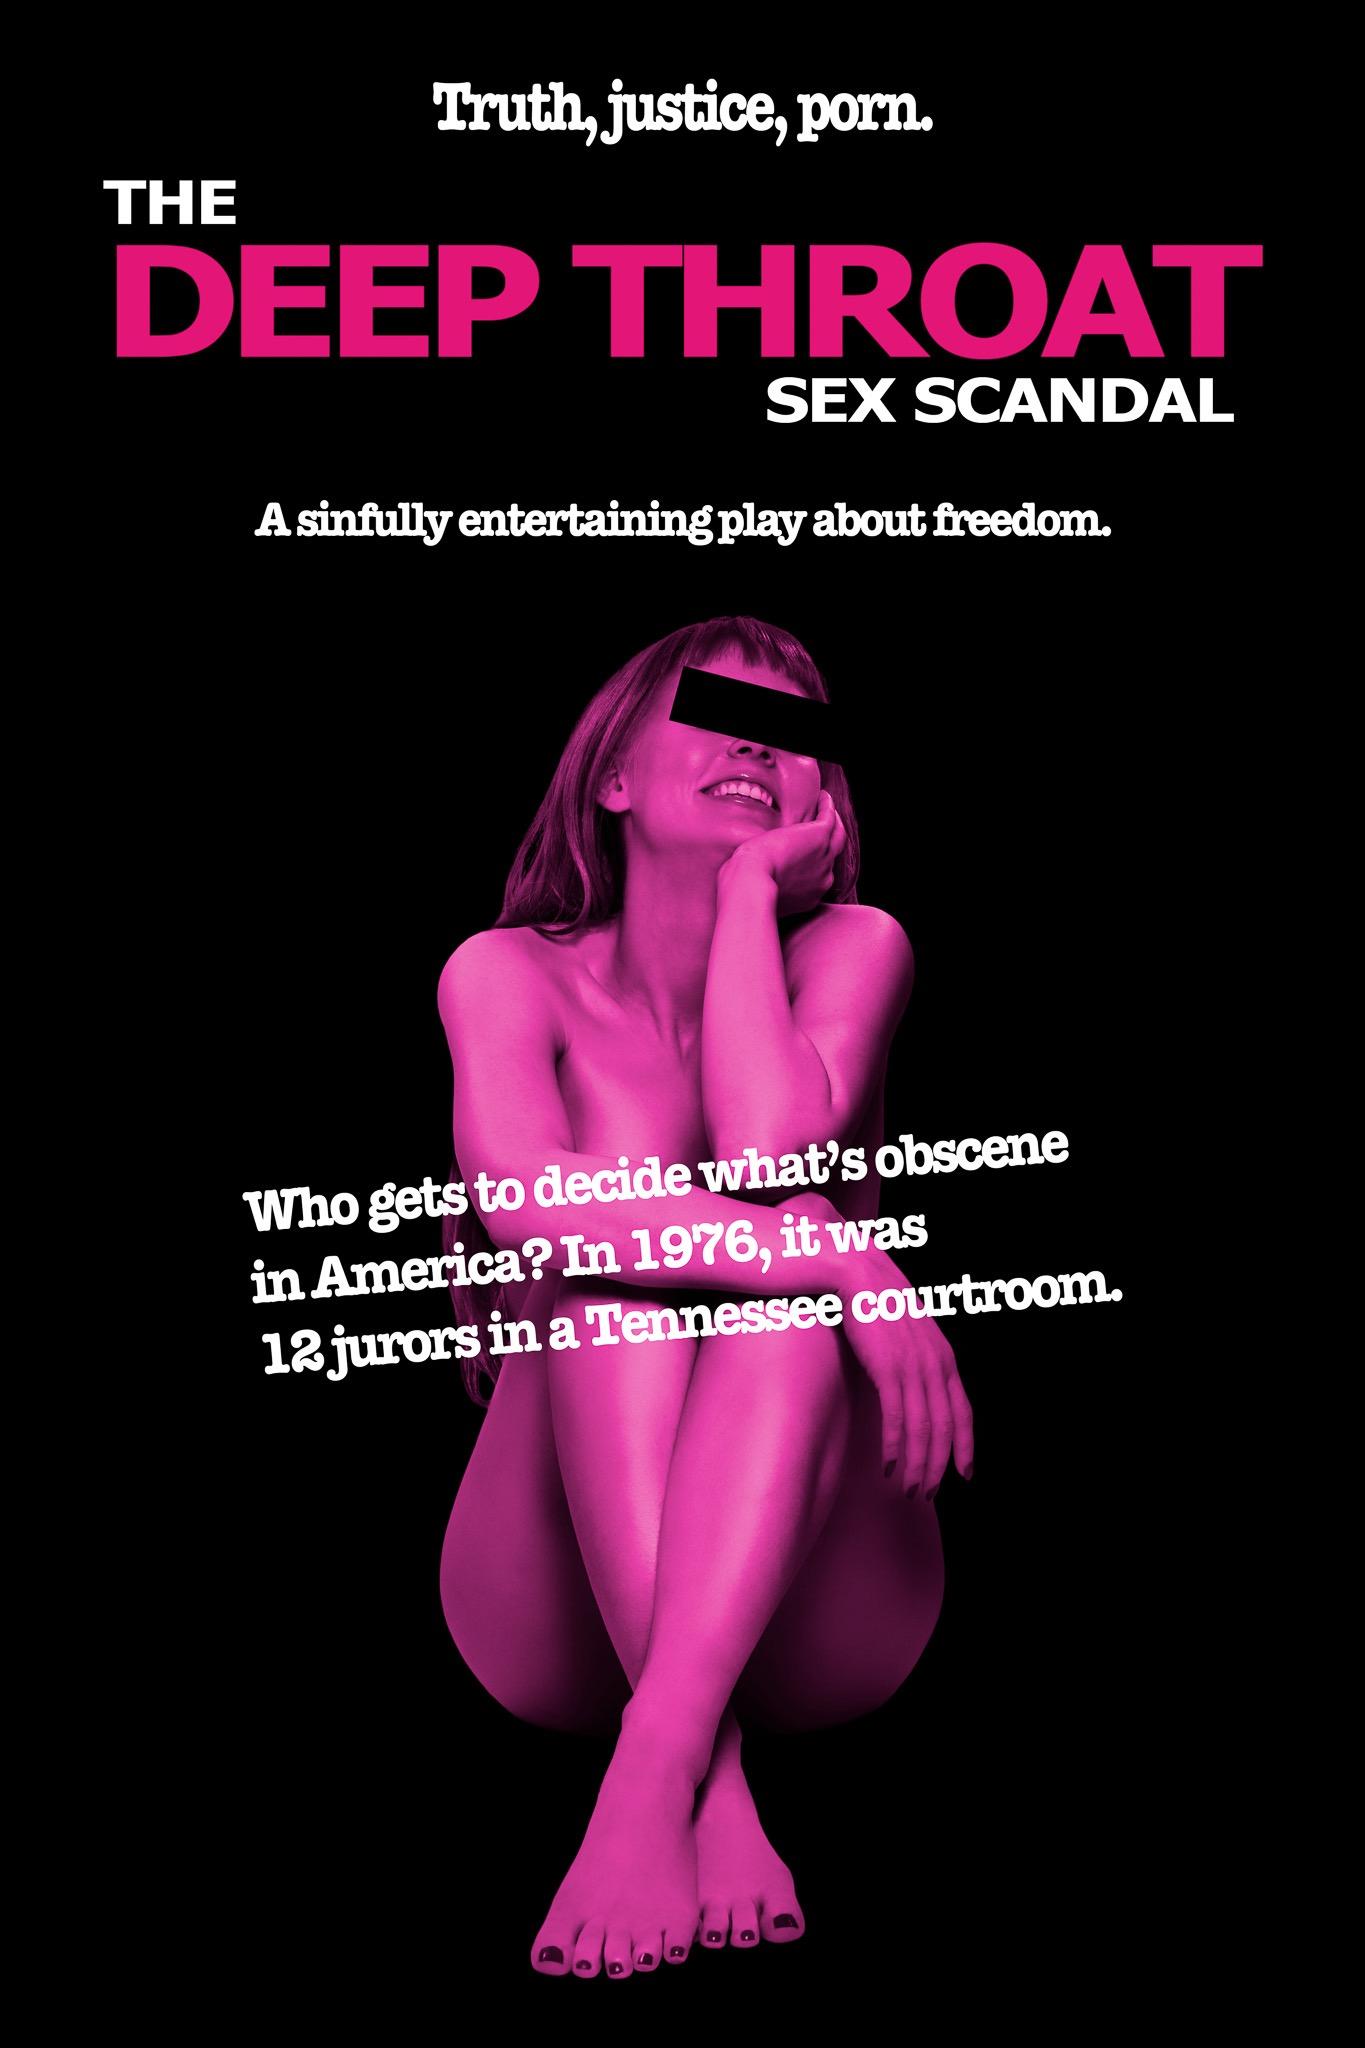 DeepThroat Poster.jpg